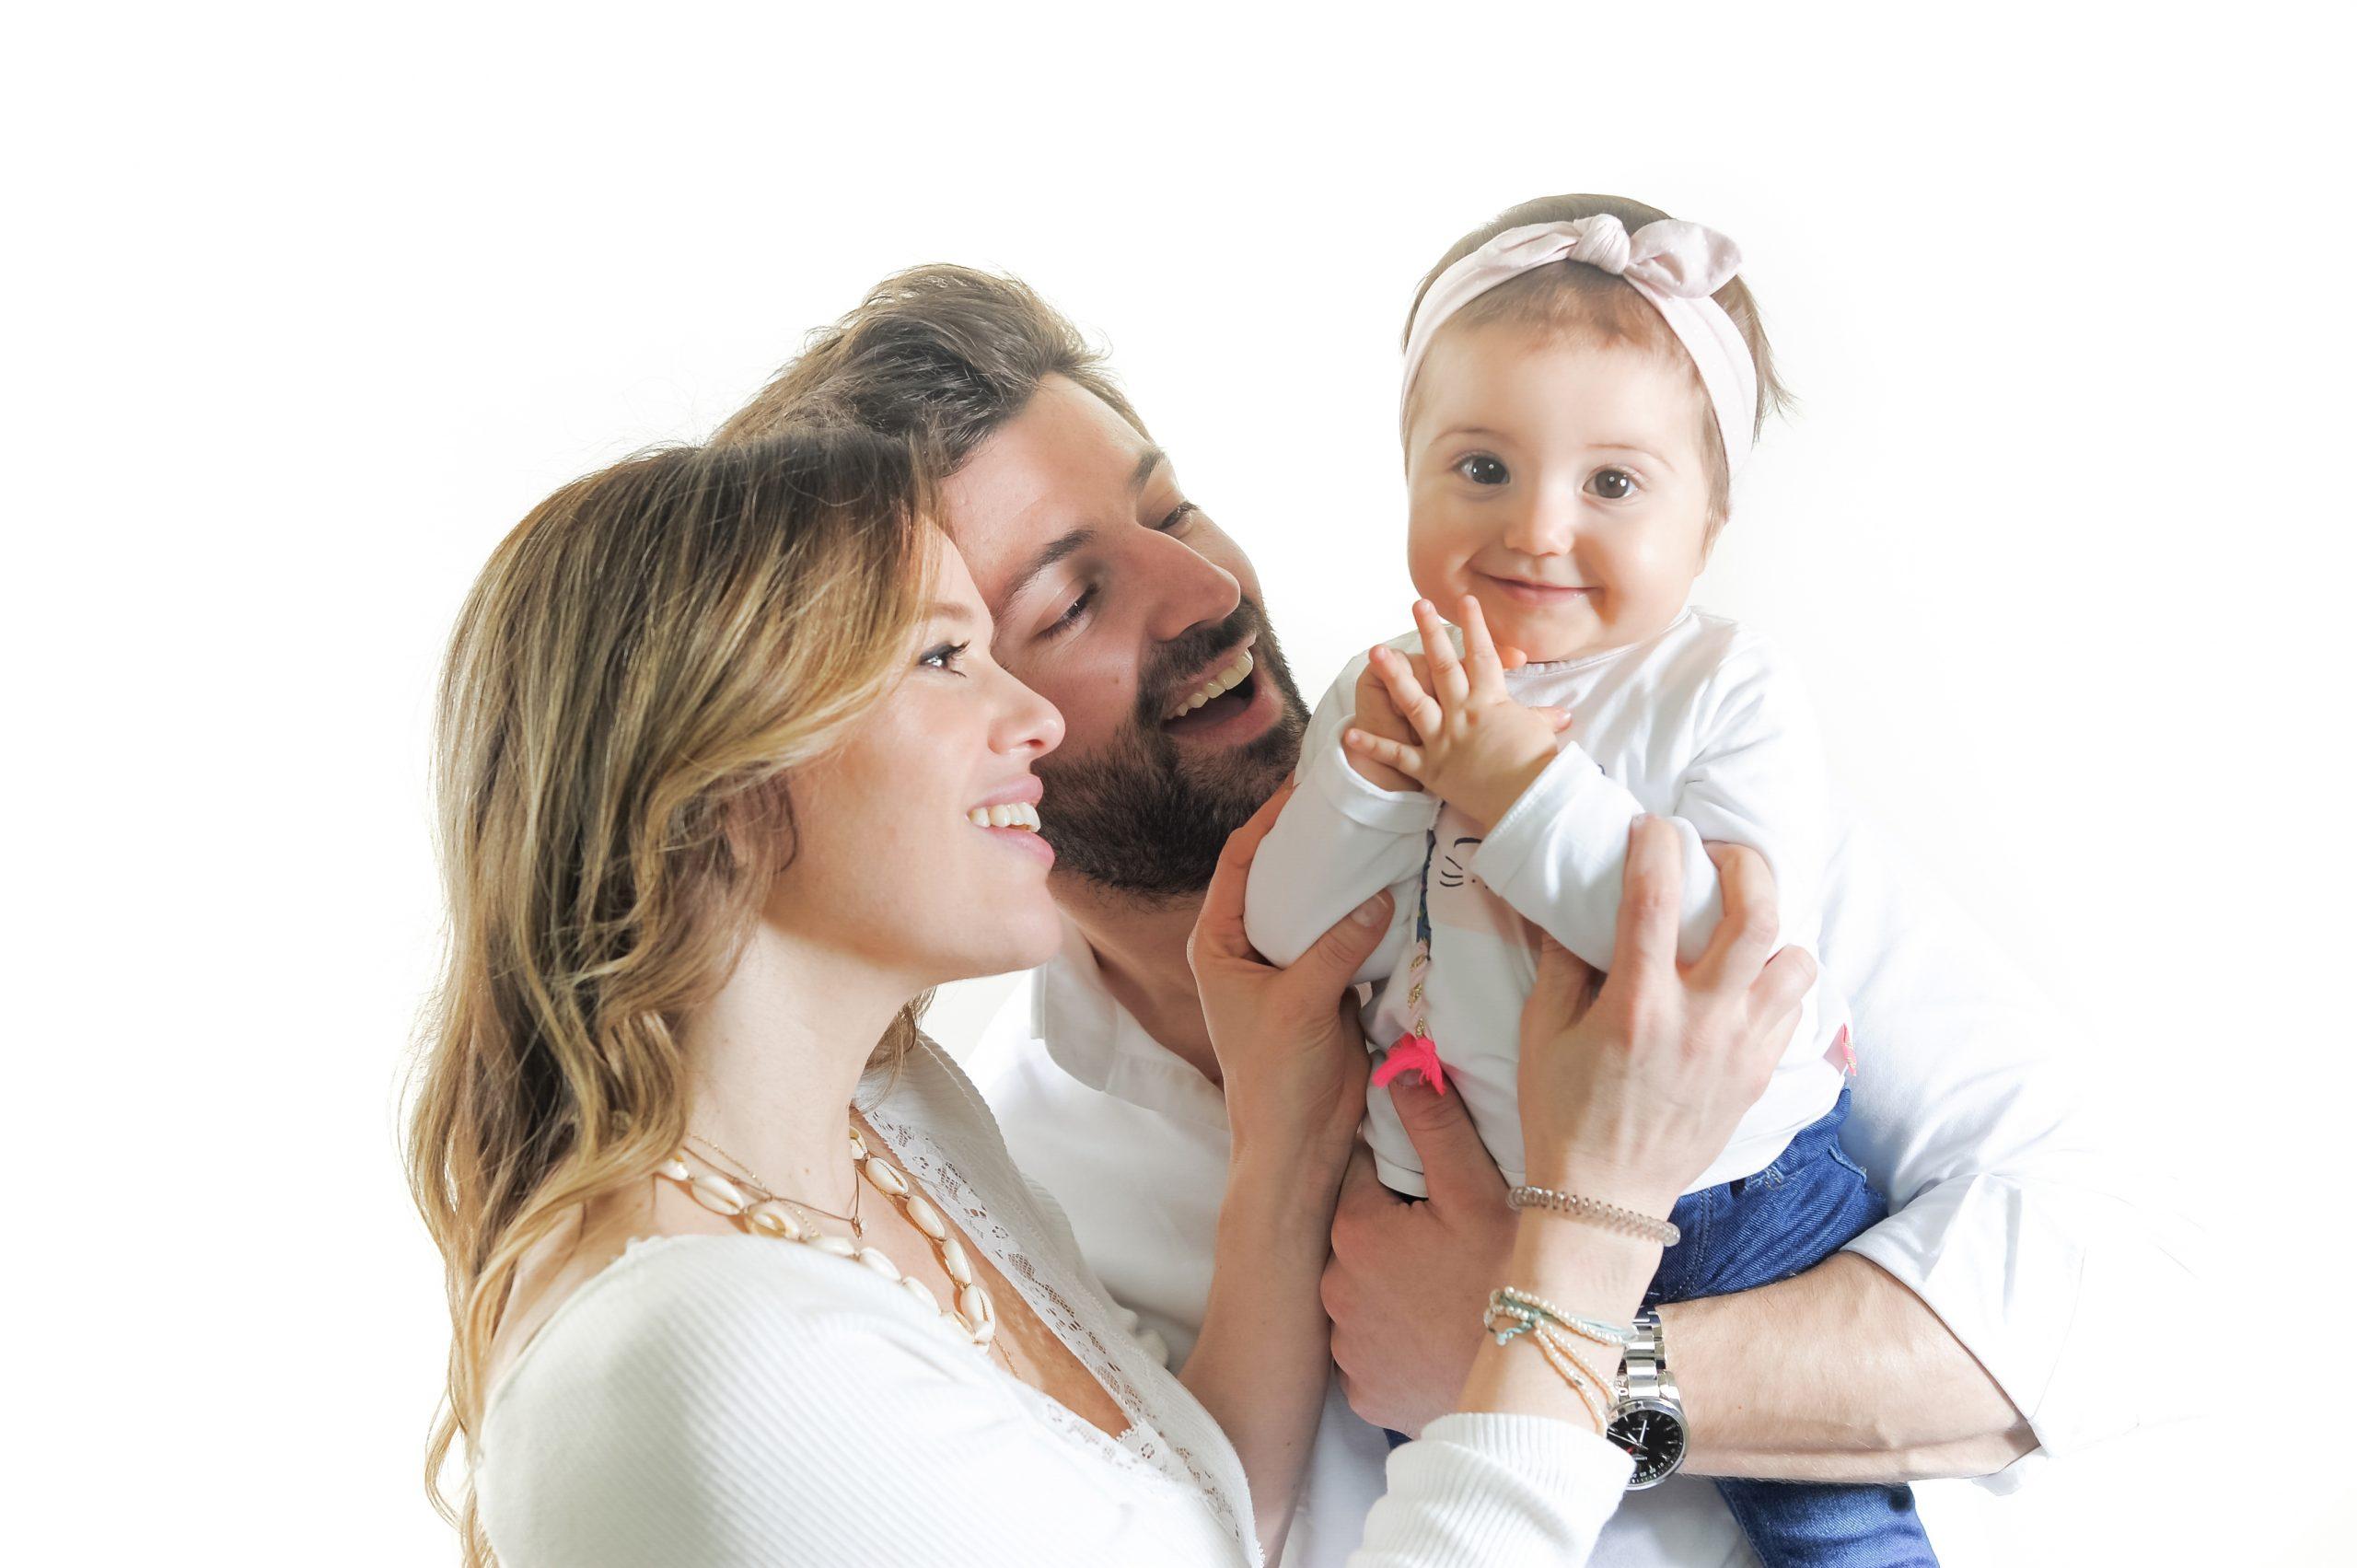 foto de familiafotografia de familia - gravidez